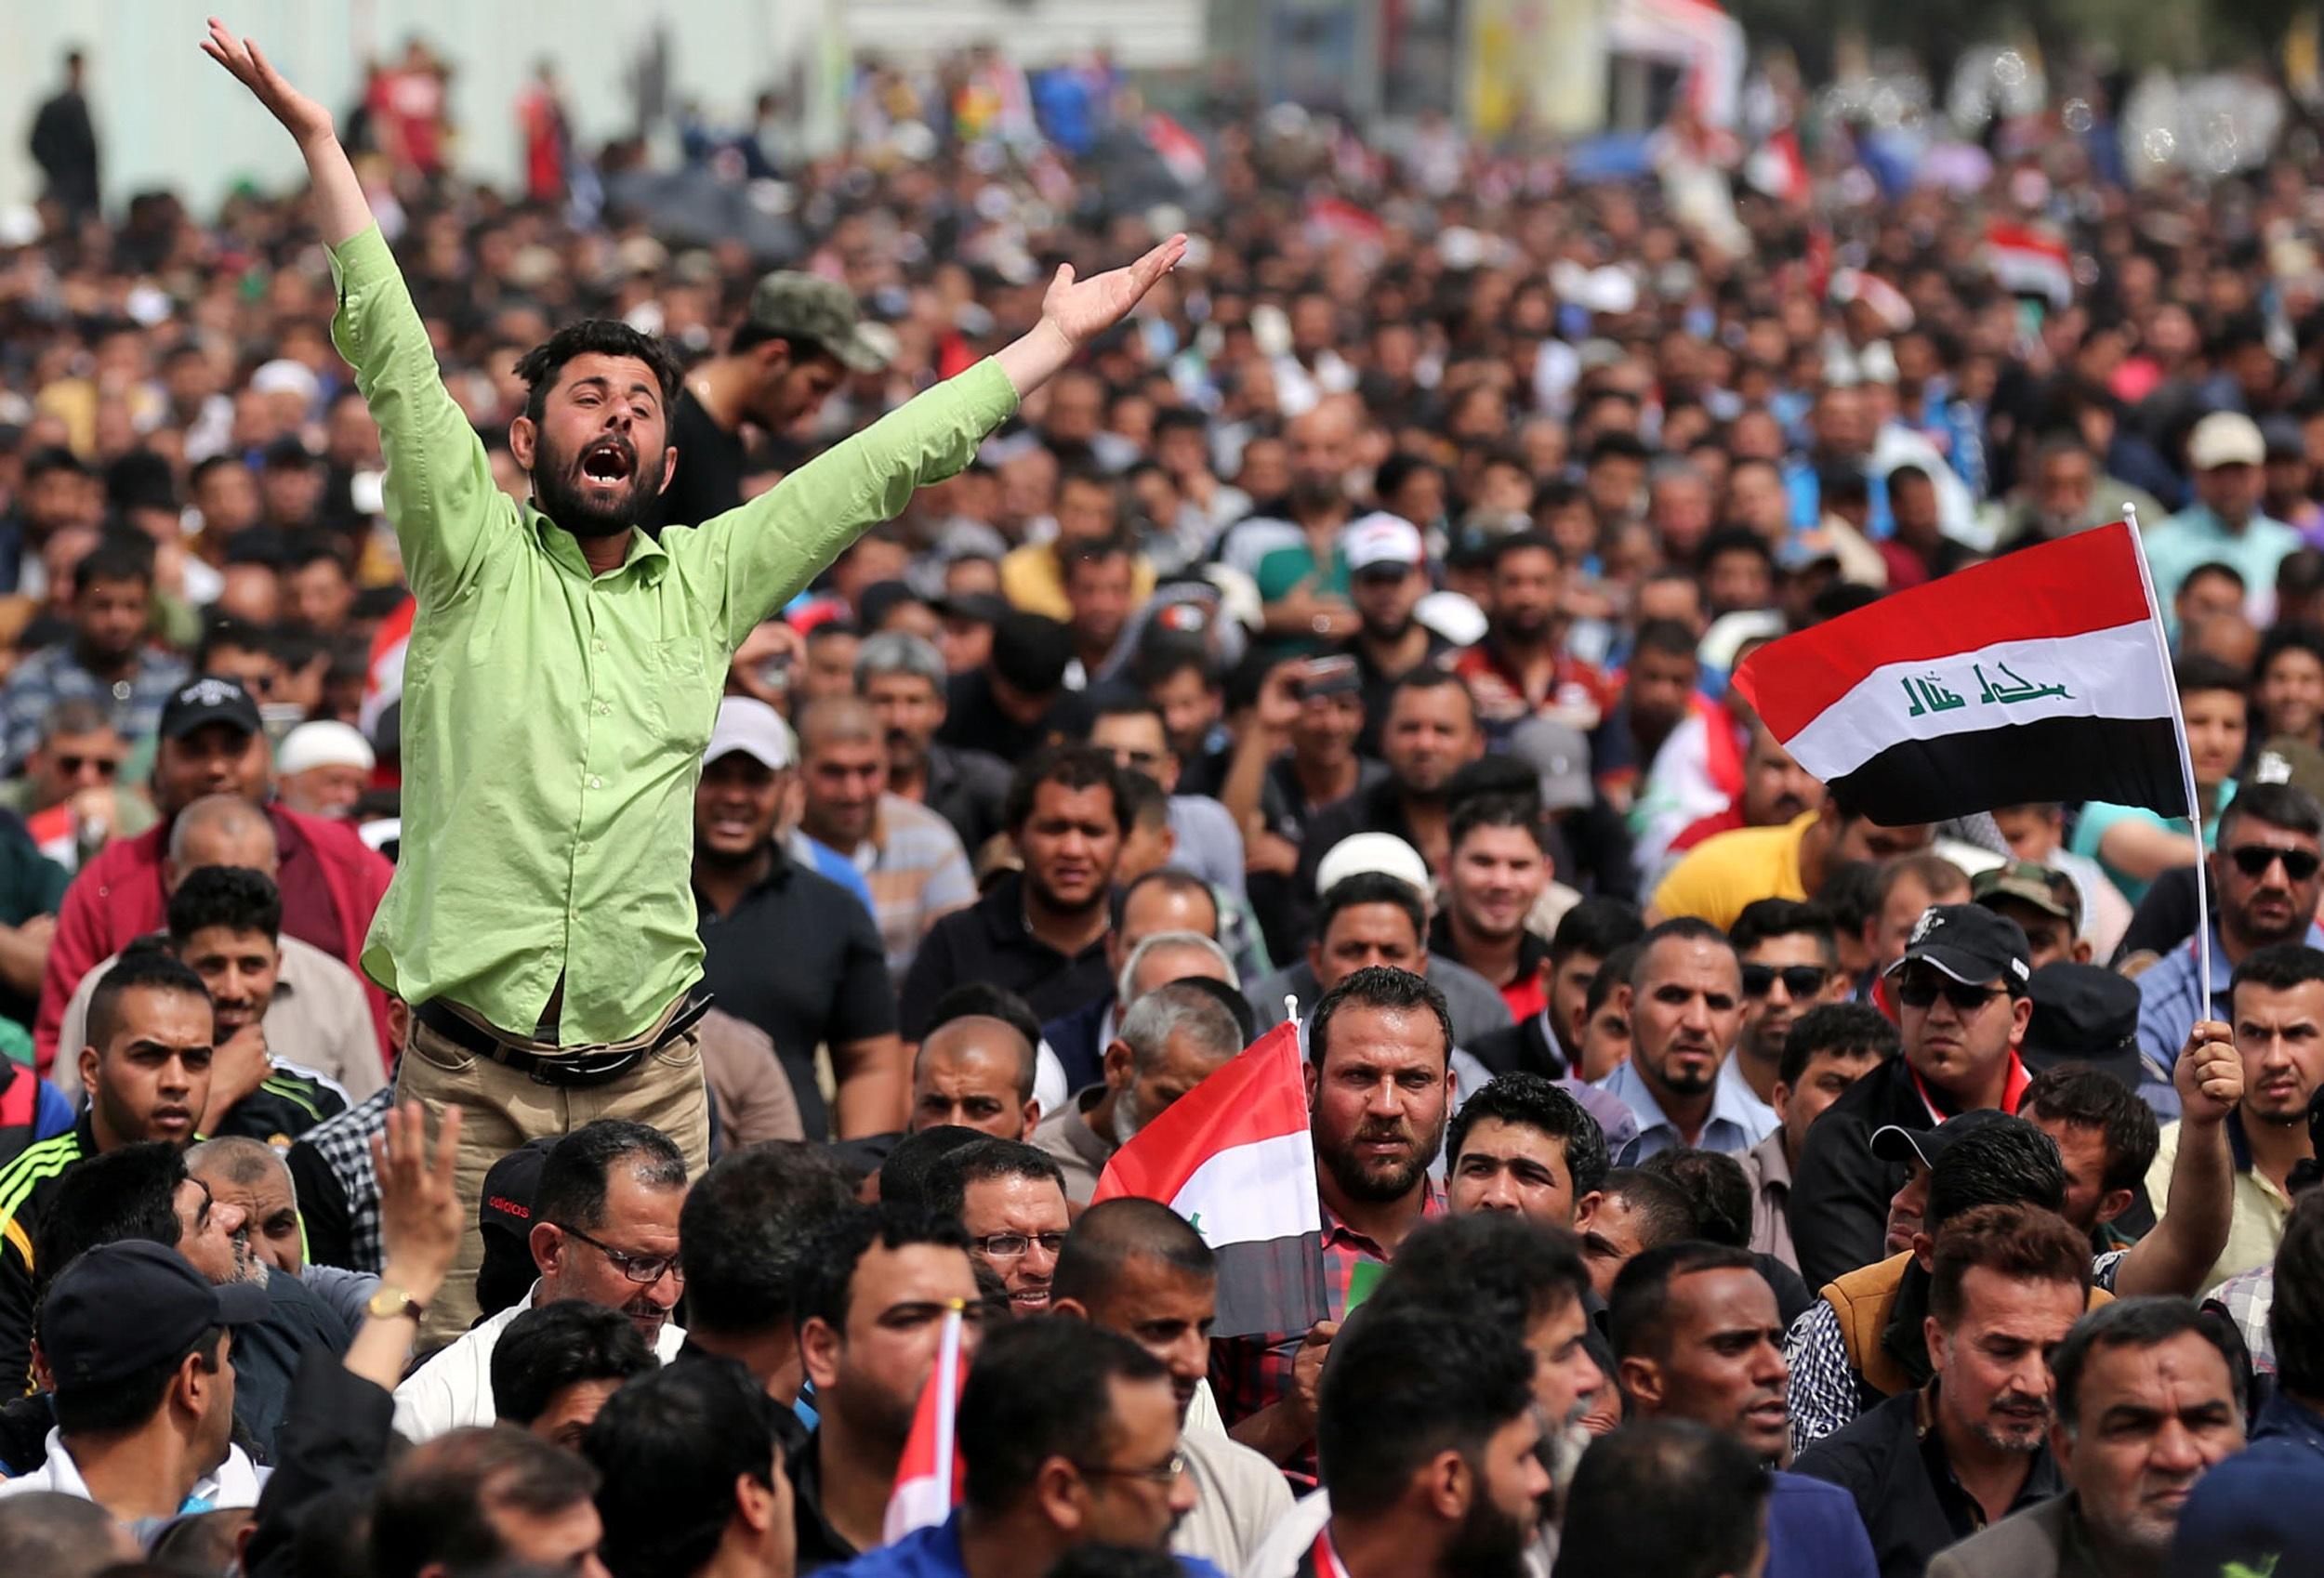 الأمم المتحدة تدعو السلطات العراقية للتعامل وفقا للمعايير الدولية خلال المظاهرات